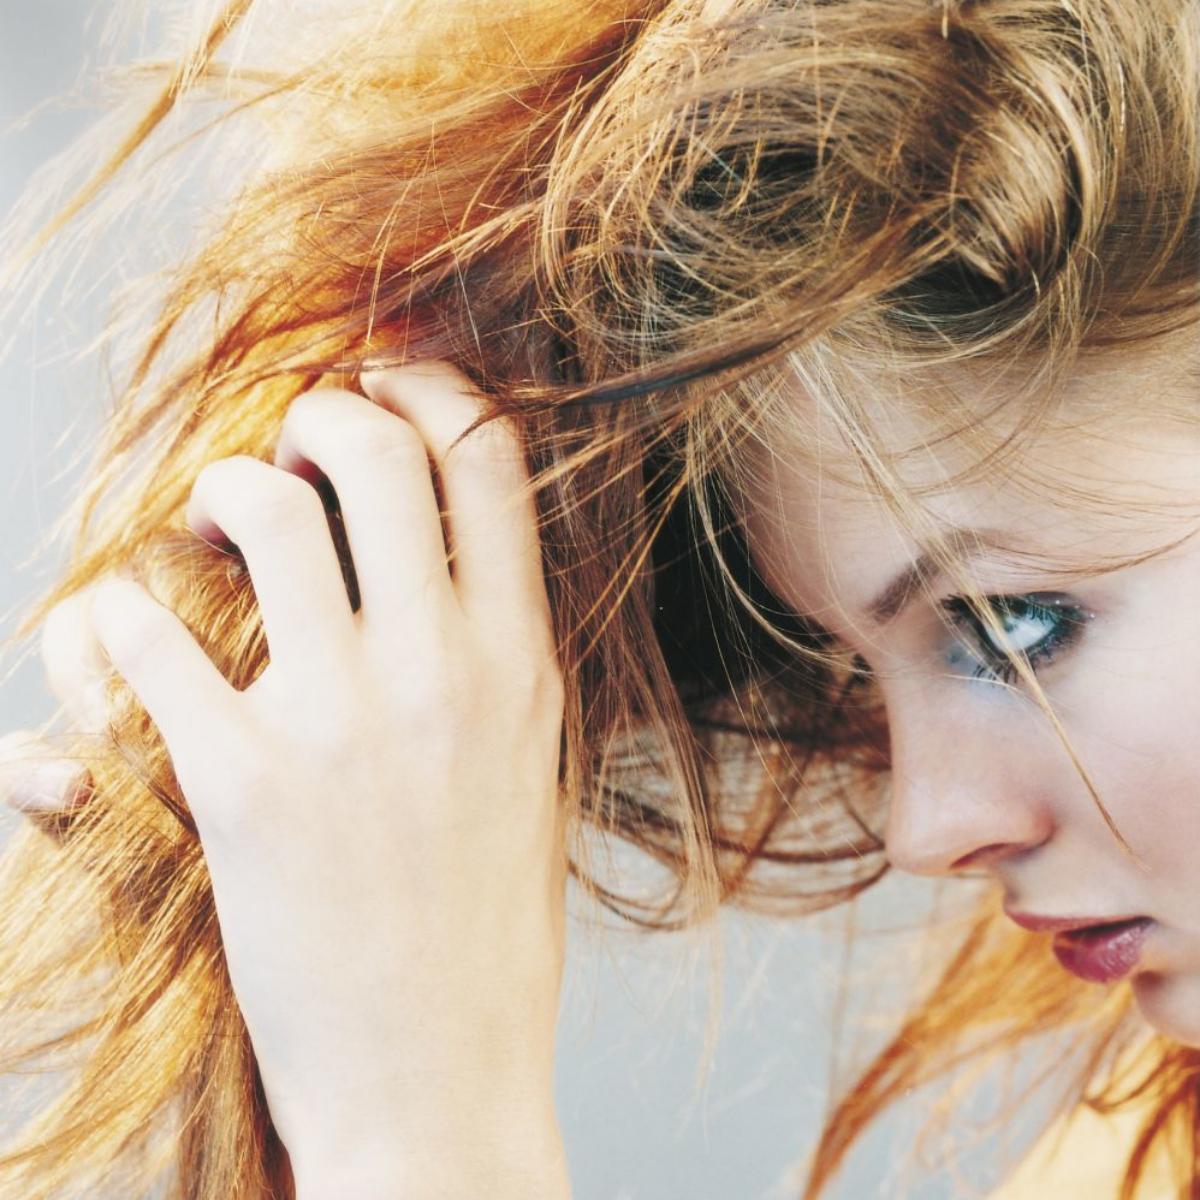 Haz que el estrés y el aislamiento no influya en tu caída de pelo.